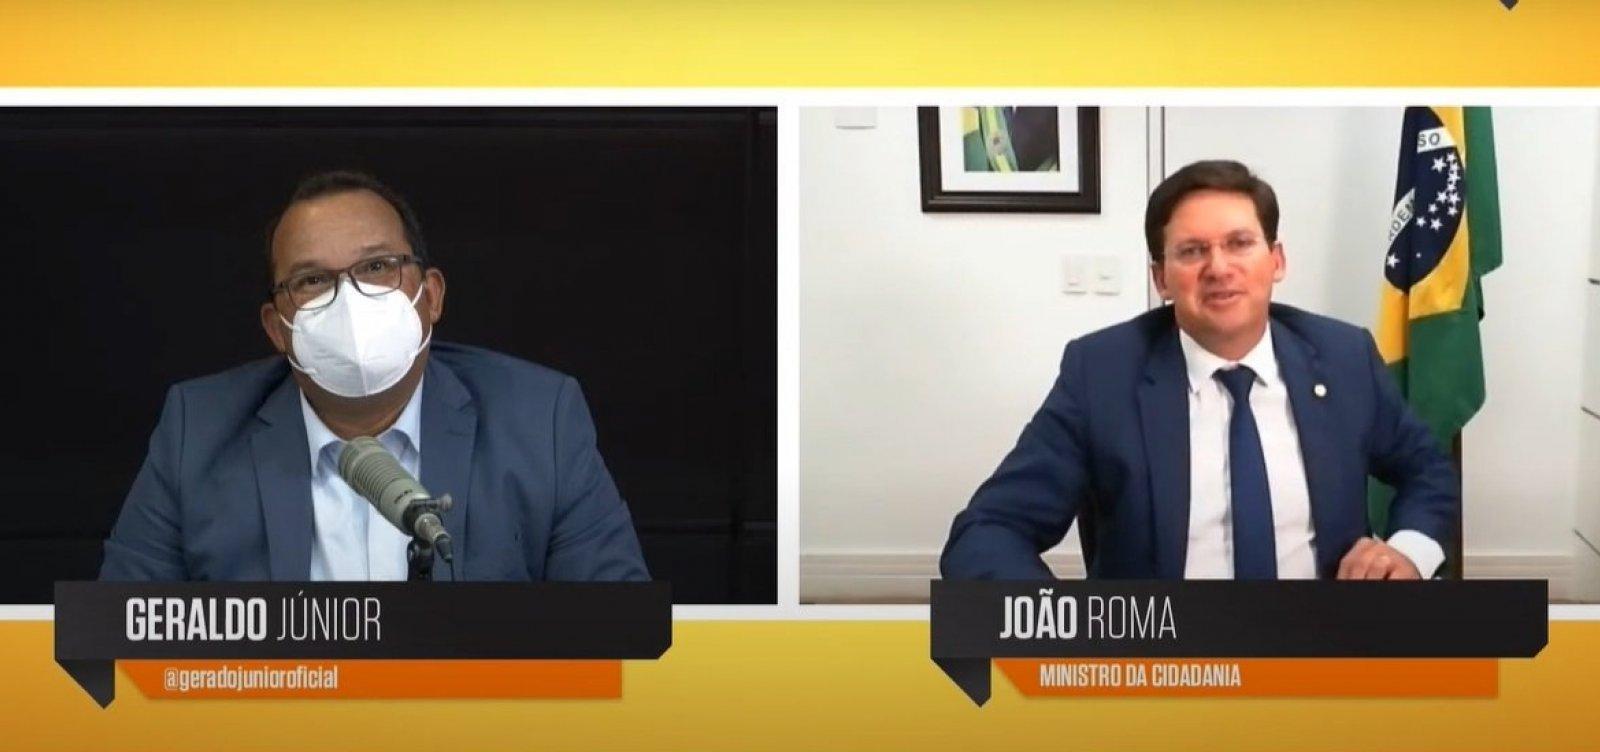 João Roma cumpre agenda intensa na Bahia e agita cenário com possibilidade de candidatura em 2022